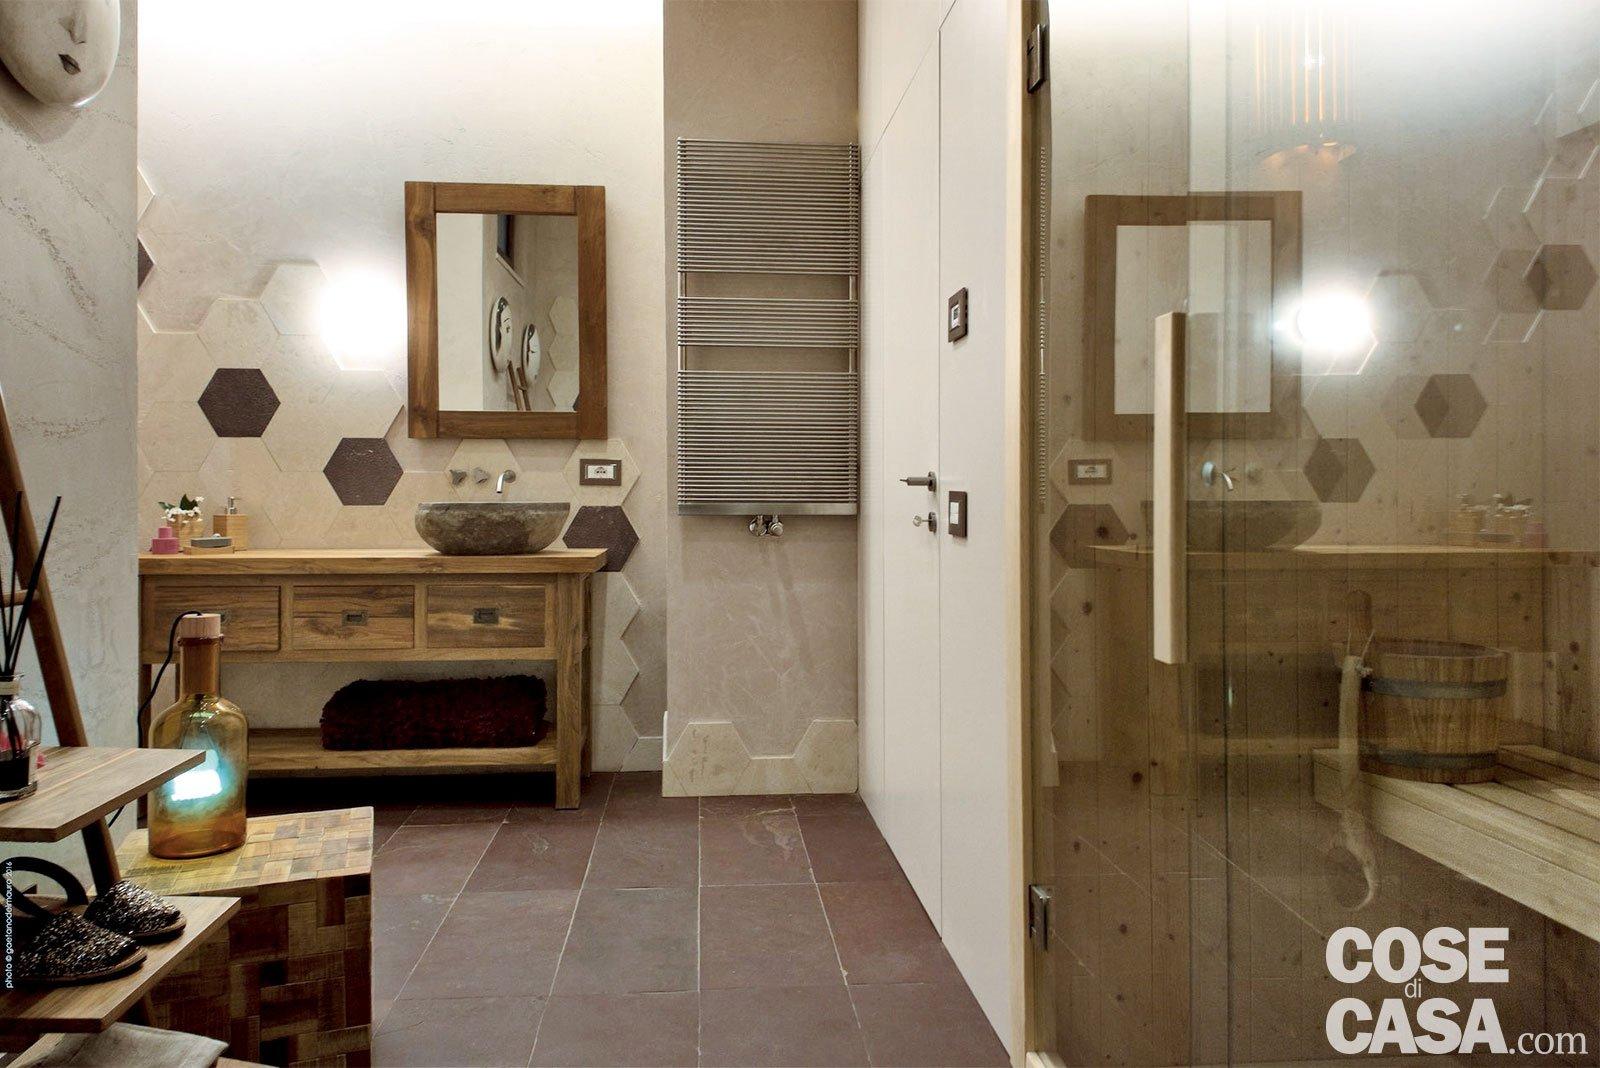 Rustico moderno una casa con un mobile che divide cucina - Scaldare il bagno elettricamente ...